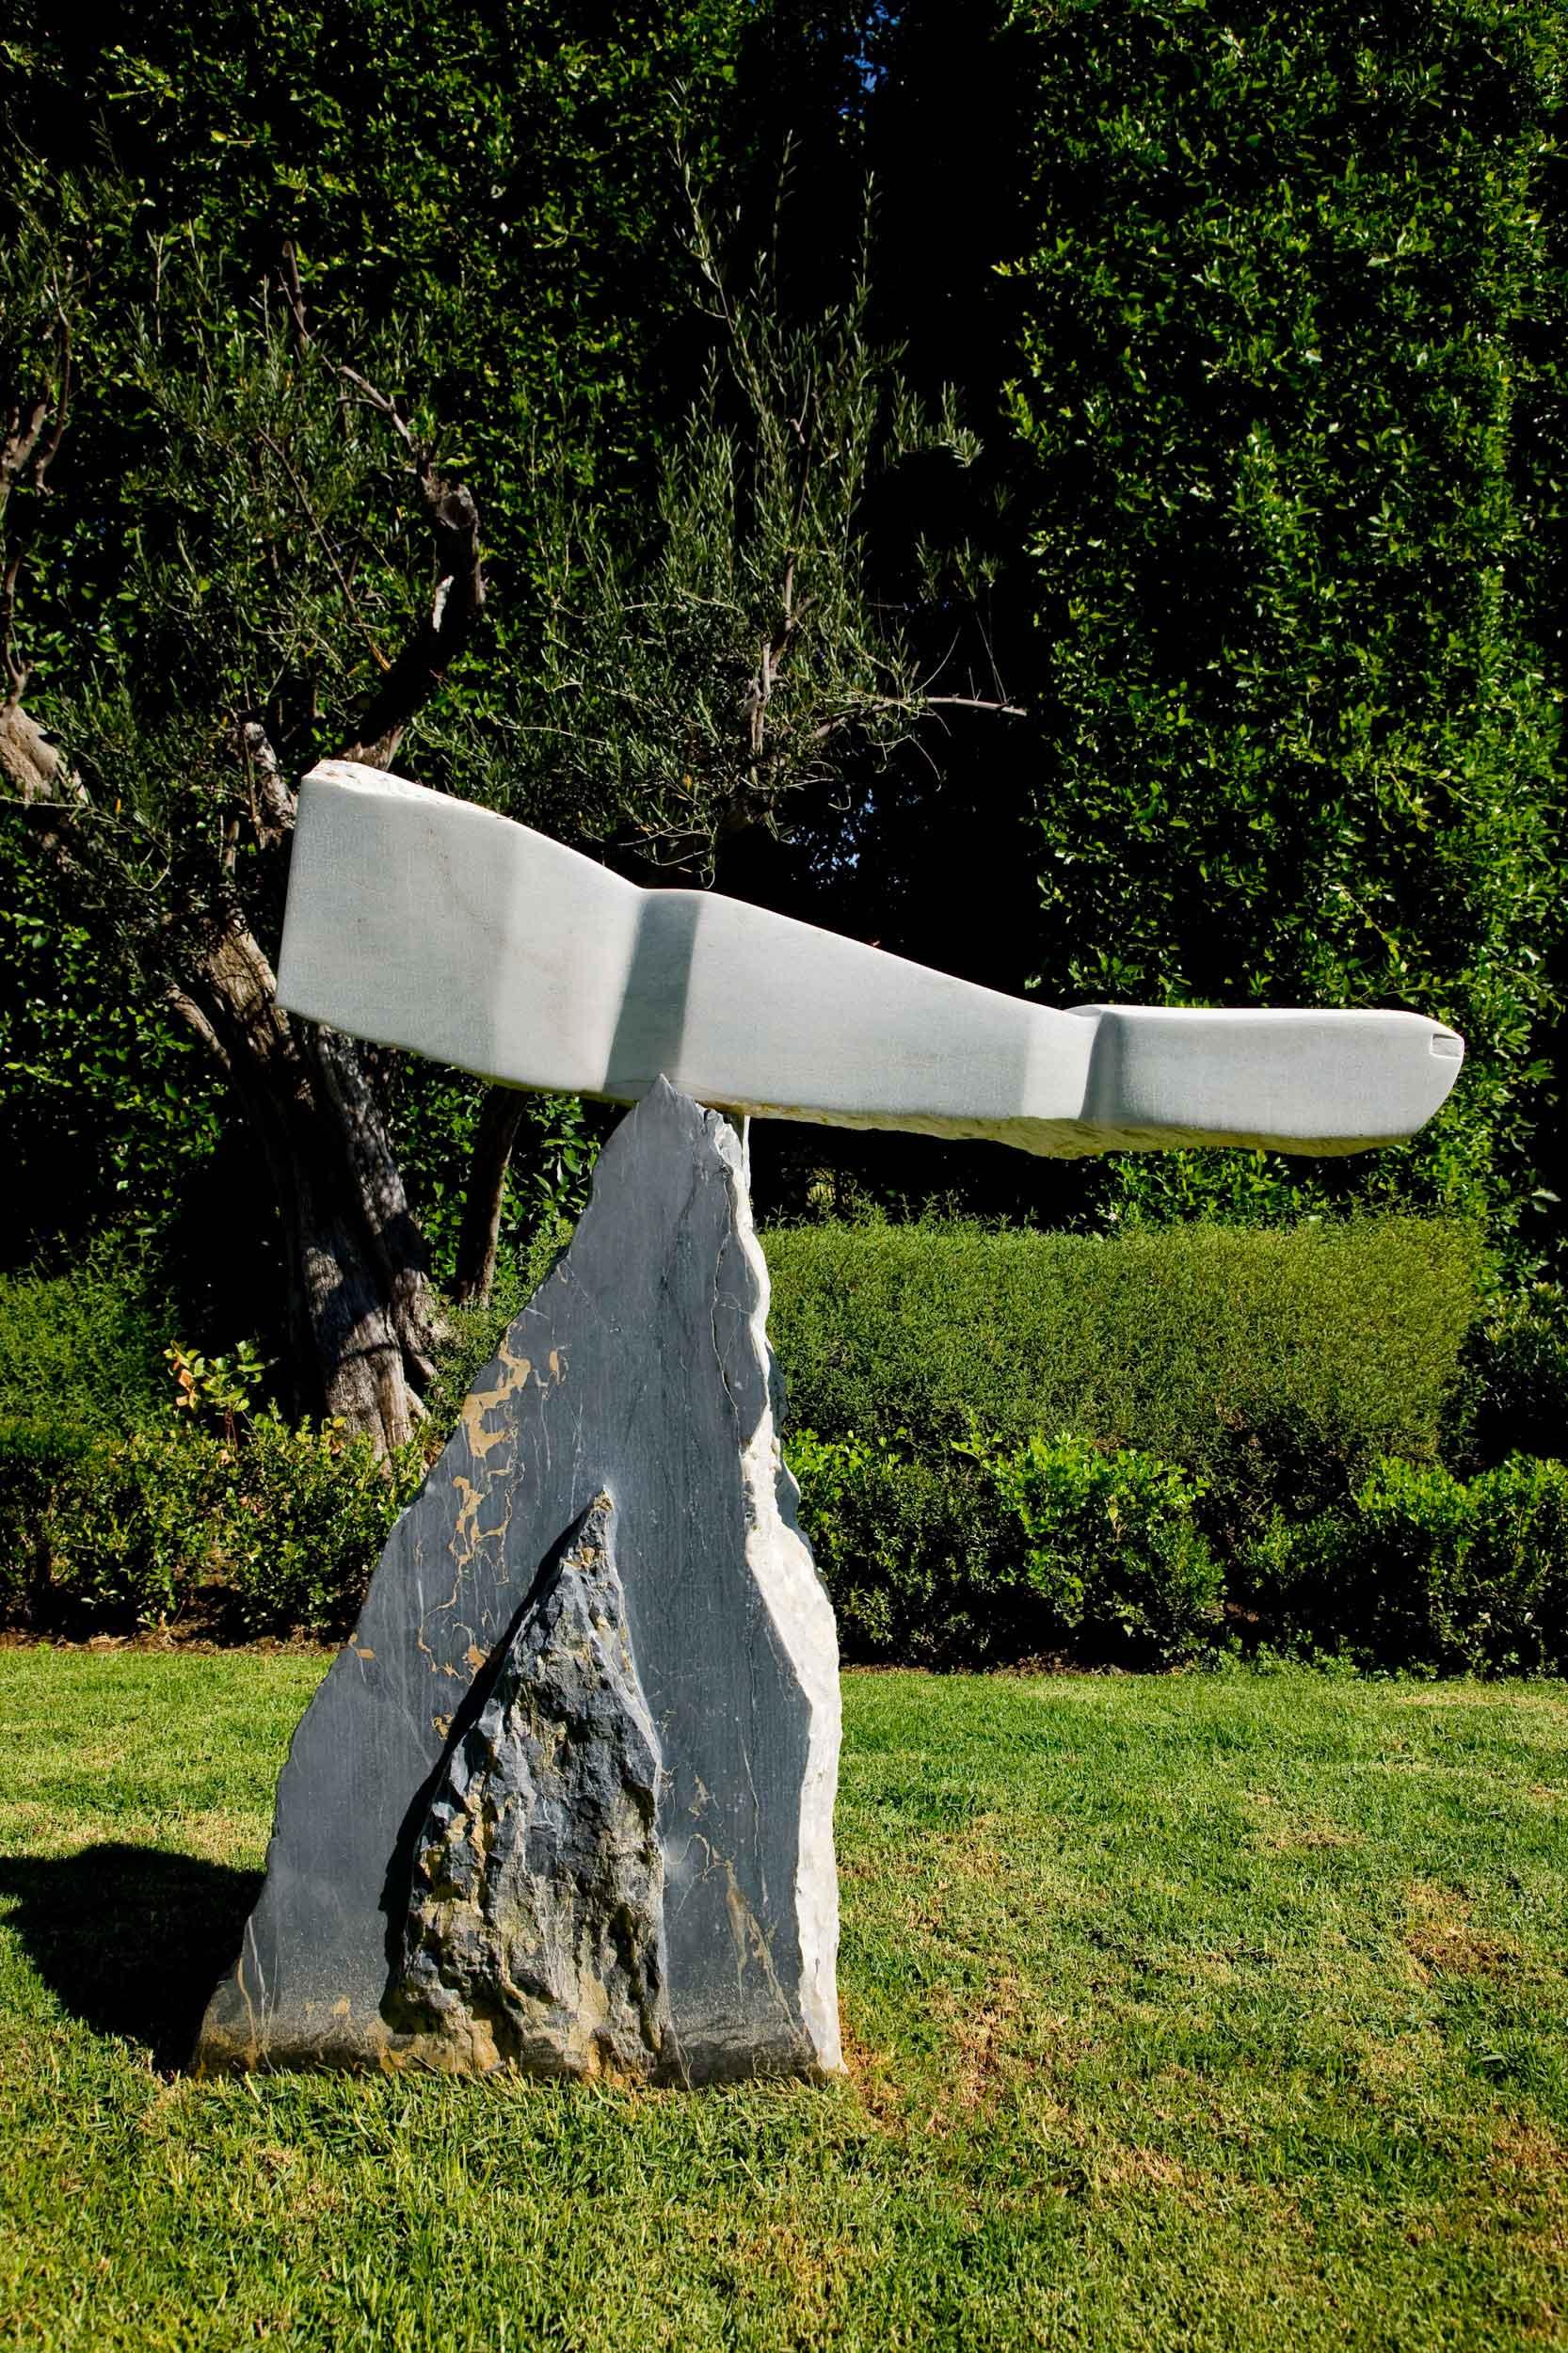 Sorarya-Nazarian-Sculpture-1.jpg